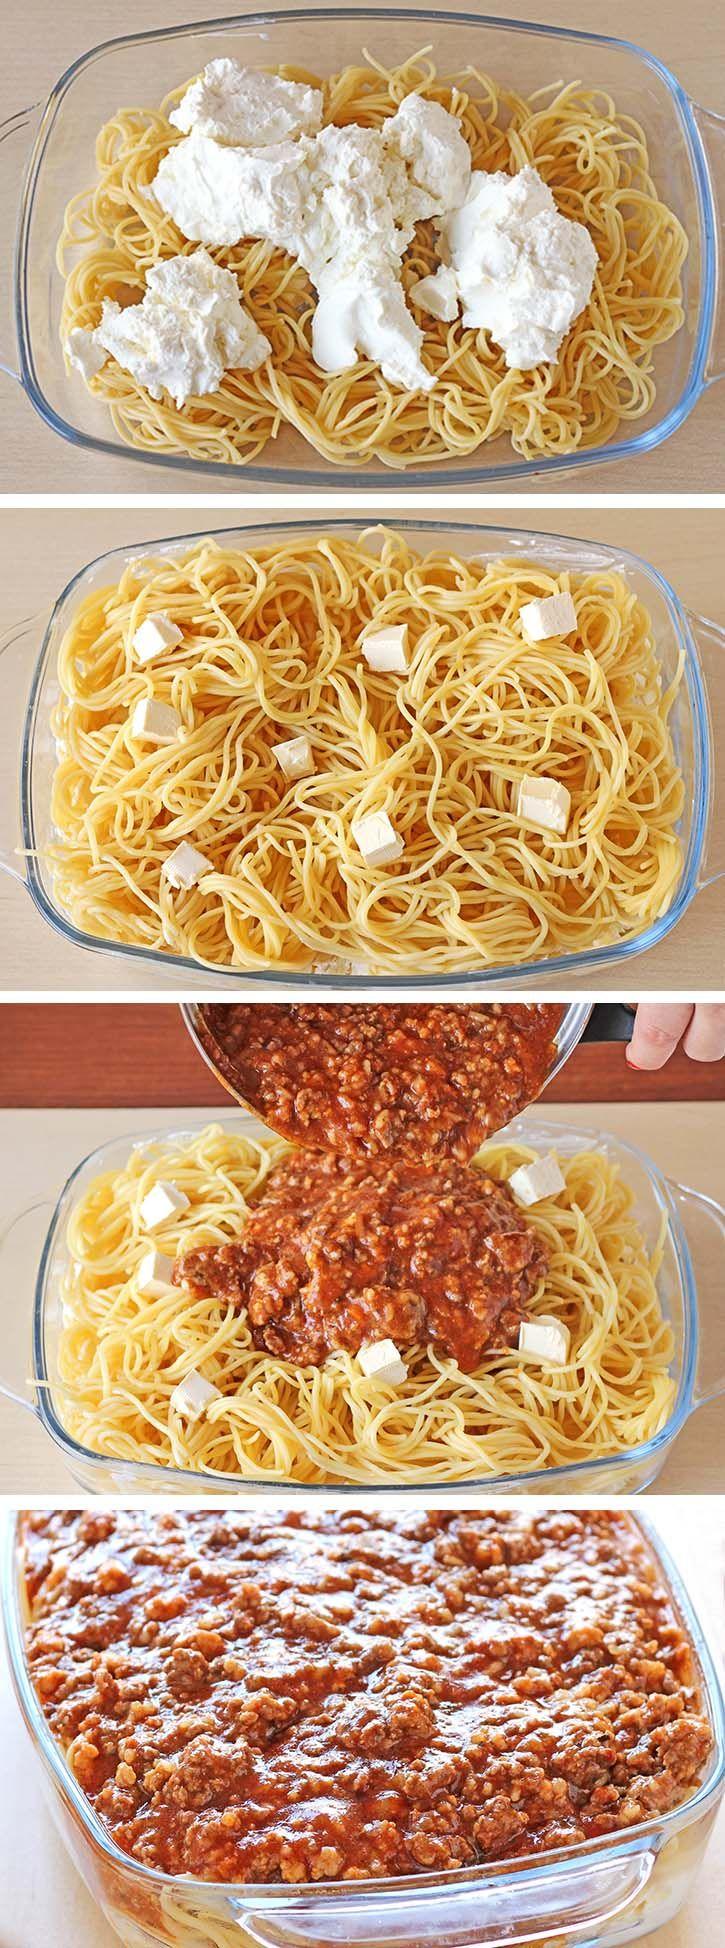 Μακαρόνια, μακαρόνια σάλτσα, το βόειο κρέας και το τυρί κρέμα μείγμα γεύμα ... που δοκιμάζει σαν ένα εκατομμύριο δολάρια.